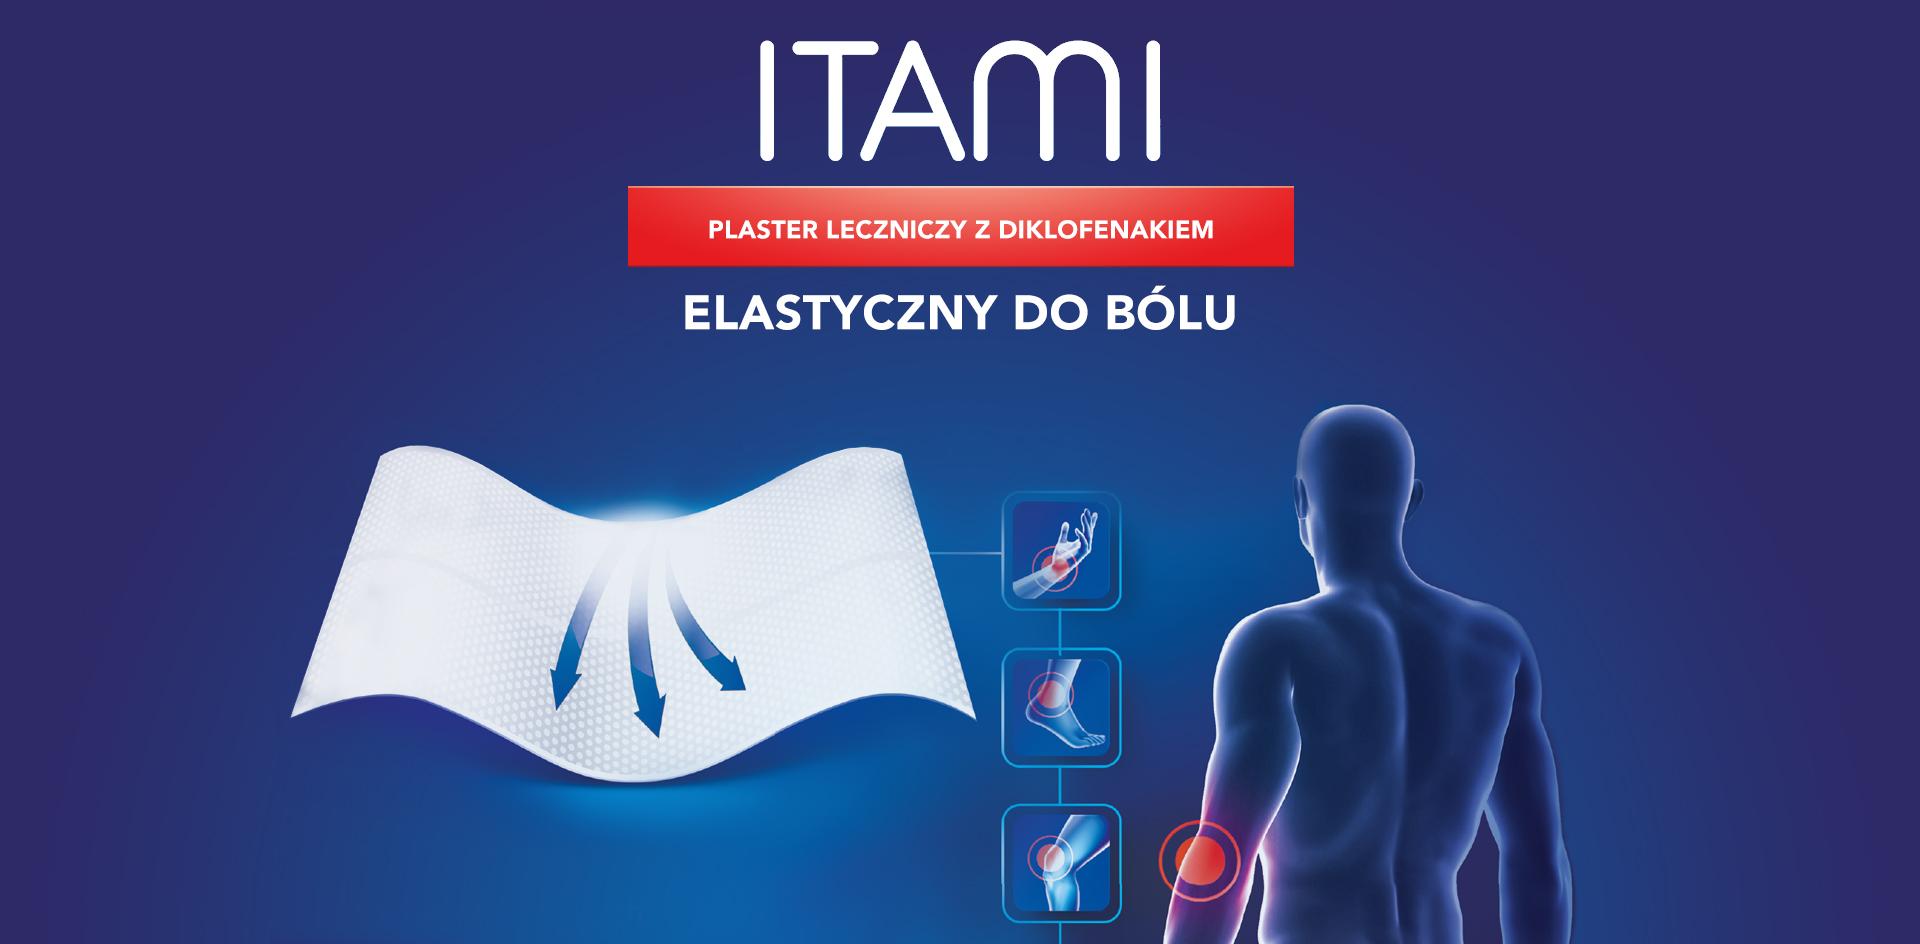 ITAMI - plaster leczniczy